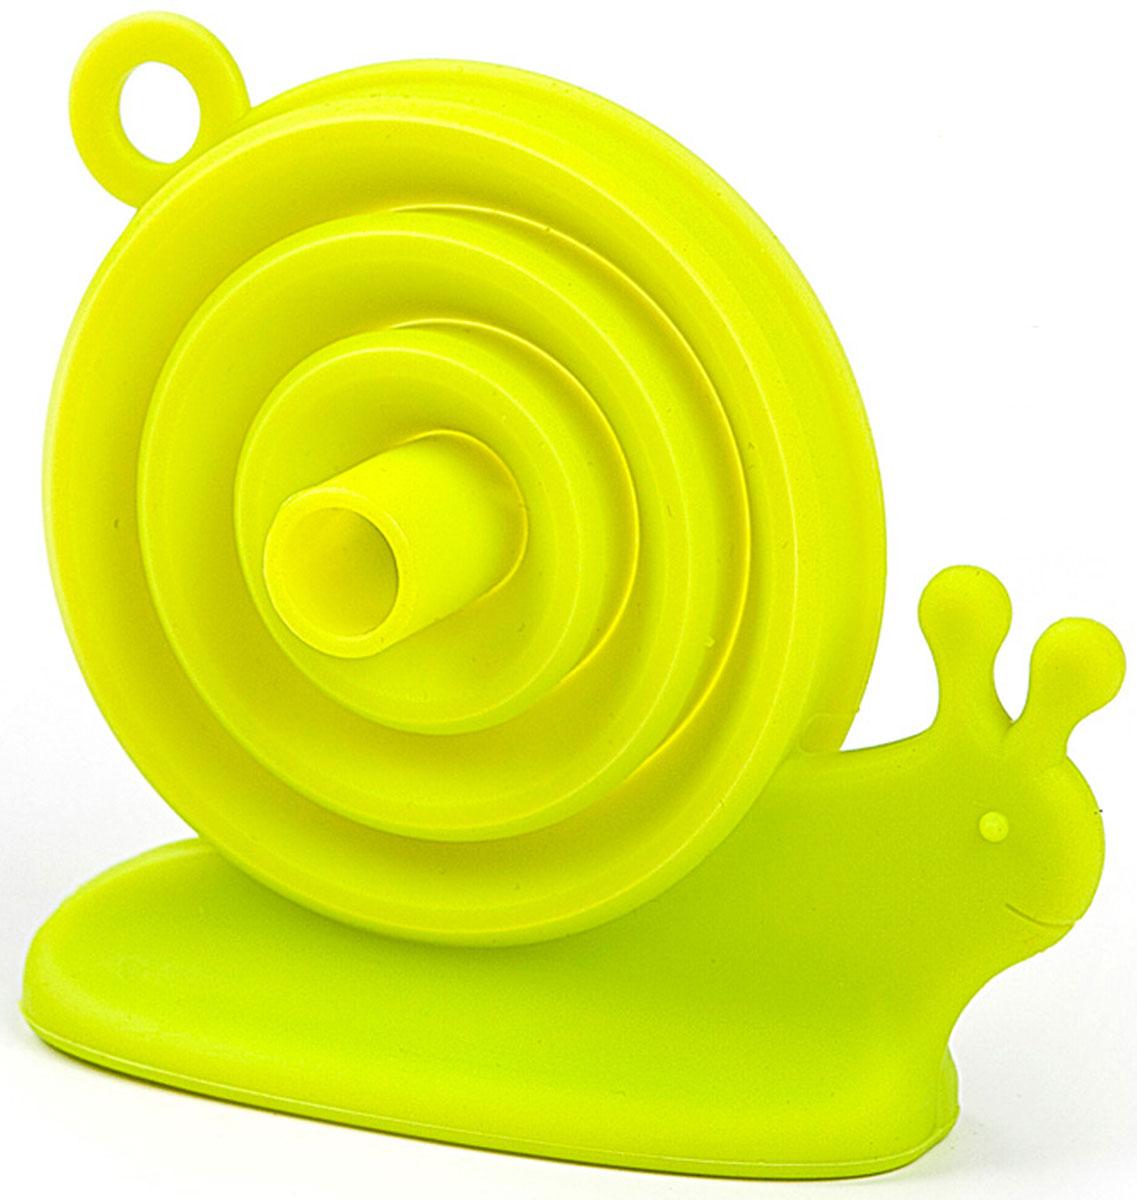 Воронка для пищевых продуктов Balvi Escargot, цвет: зеленый25168Благодаря воронке для бутылок Escargort вы забудете о пролитой на пол жидкости и без проблем сможете переливать даже кипяток. Яркий и позитивный дизайн силиконовой воронки Escargort в виде улитки поднимет настроение и вызовет улыбку. Основной плюс - аксессуар не займет много места на кухне, ведь после использования его можно сложить и спрятать в шкафчик.- Яркий и позитивный дизайн- Изготовлена из пищевого силикона- В сложенном виде аксессуар не займет много места на кухне.